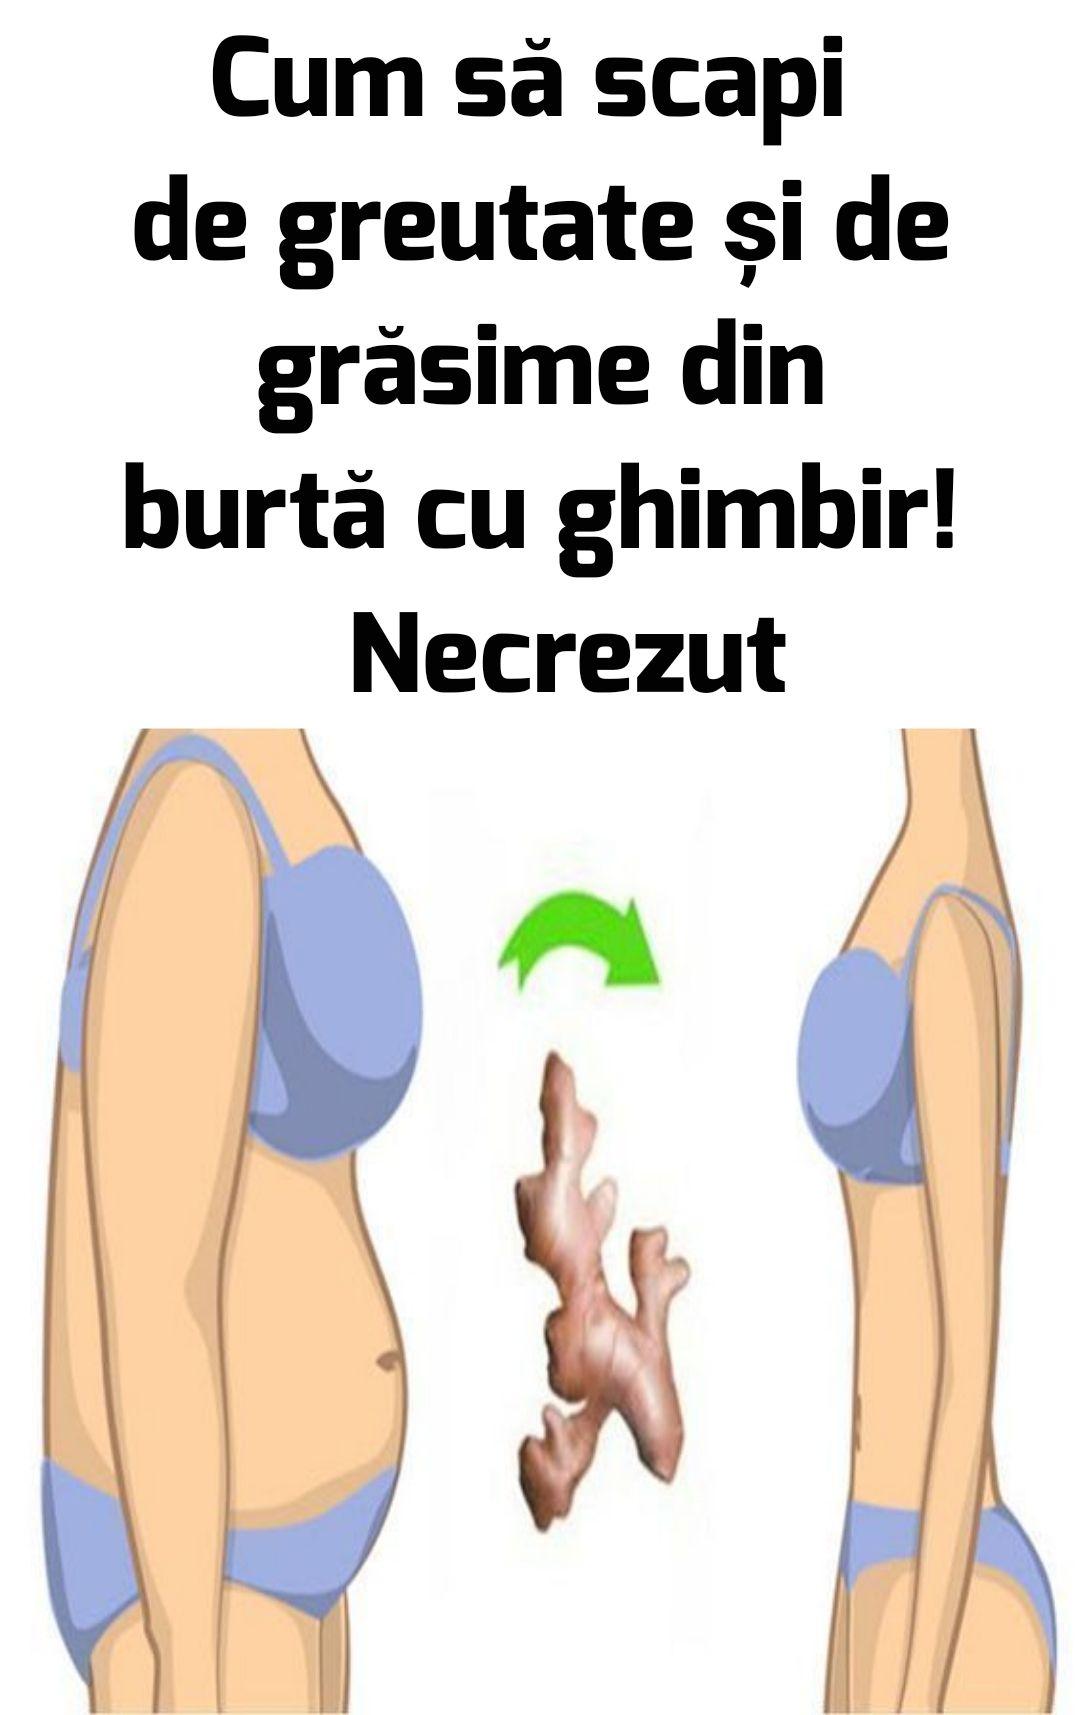 pierdere în greutate meme tumblr)